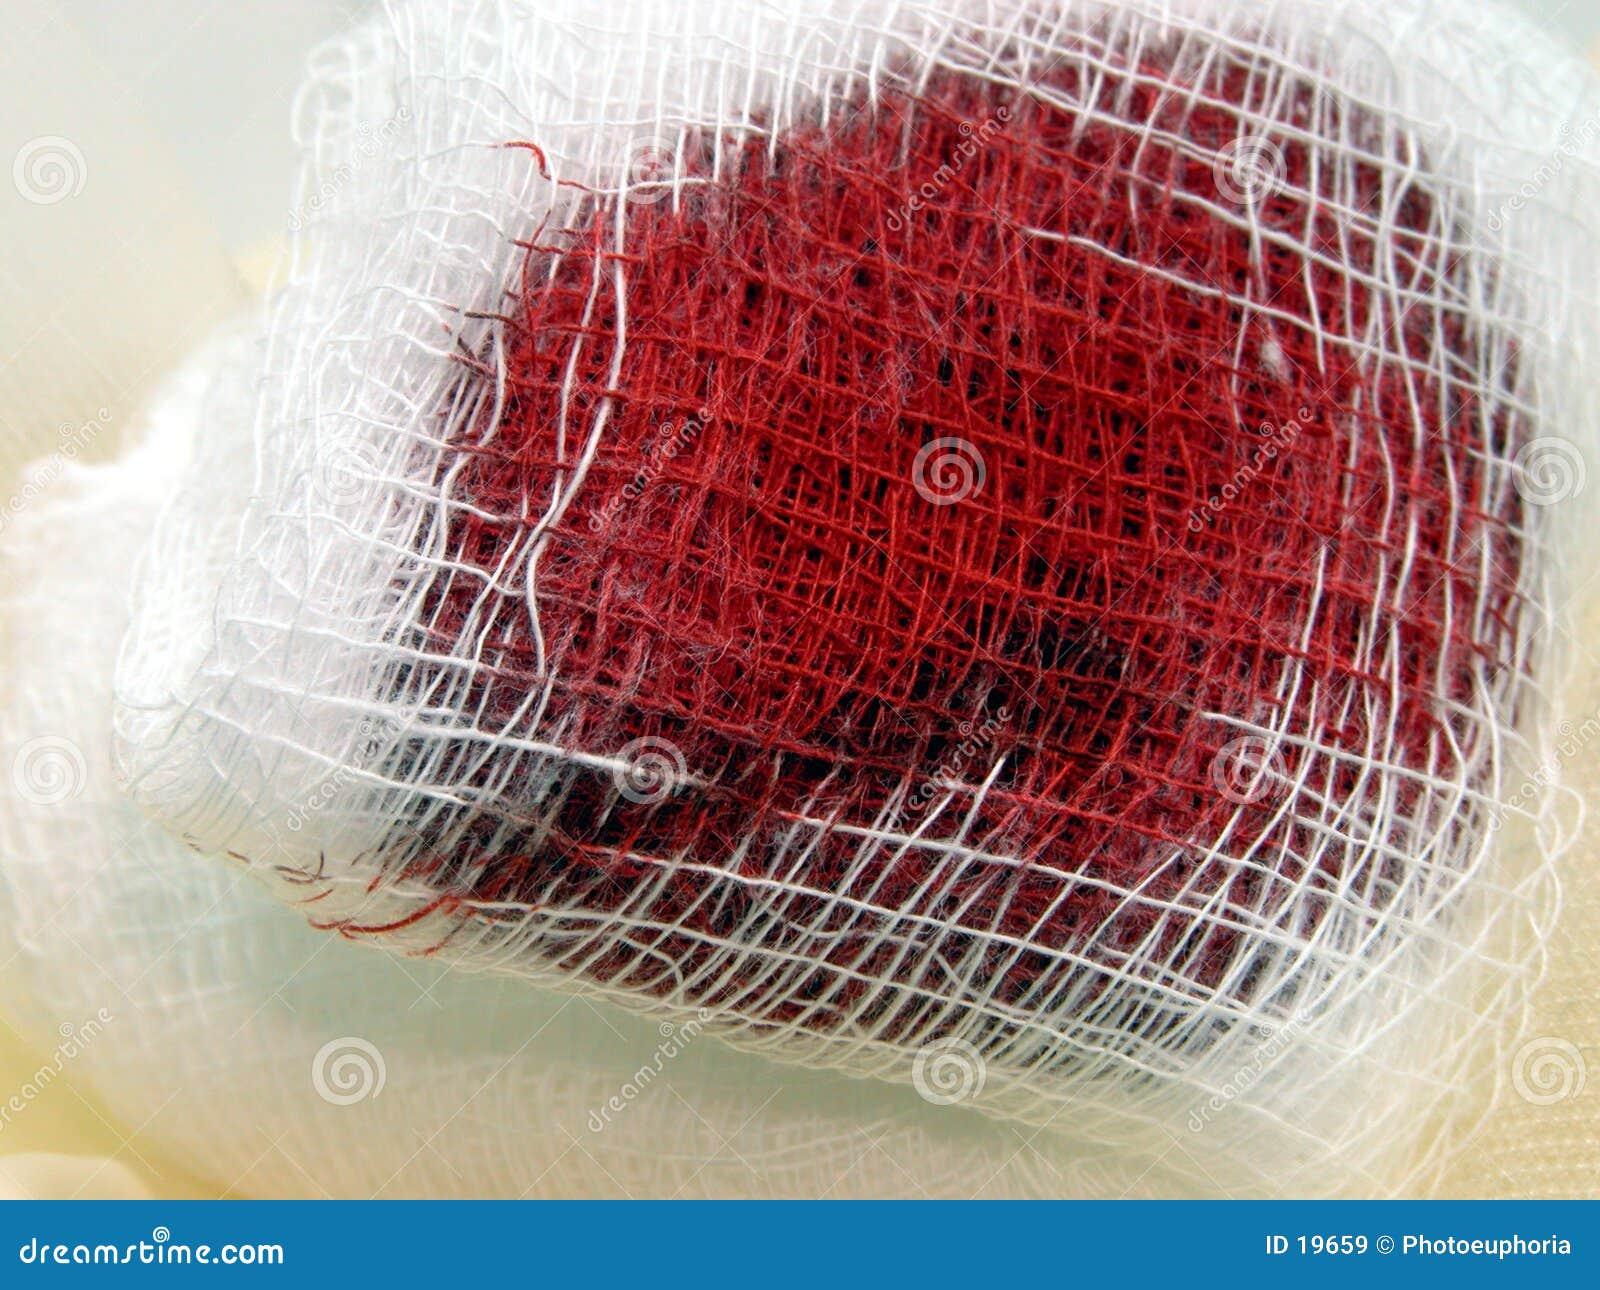 Medico: Fasciatura sanguinante della garza